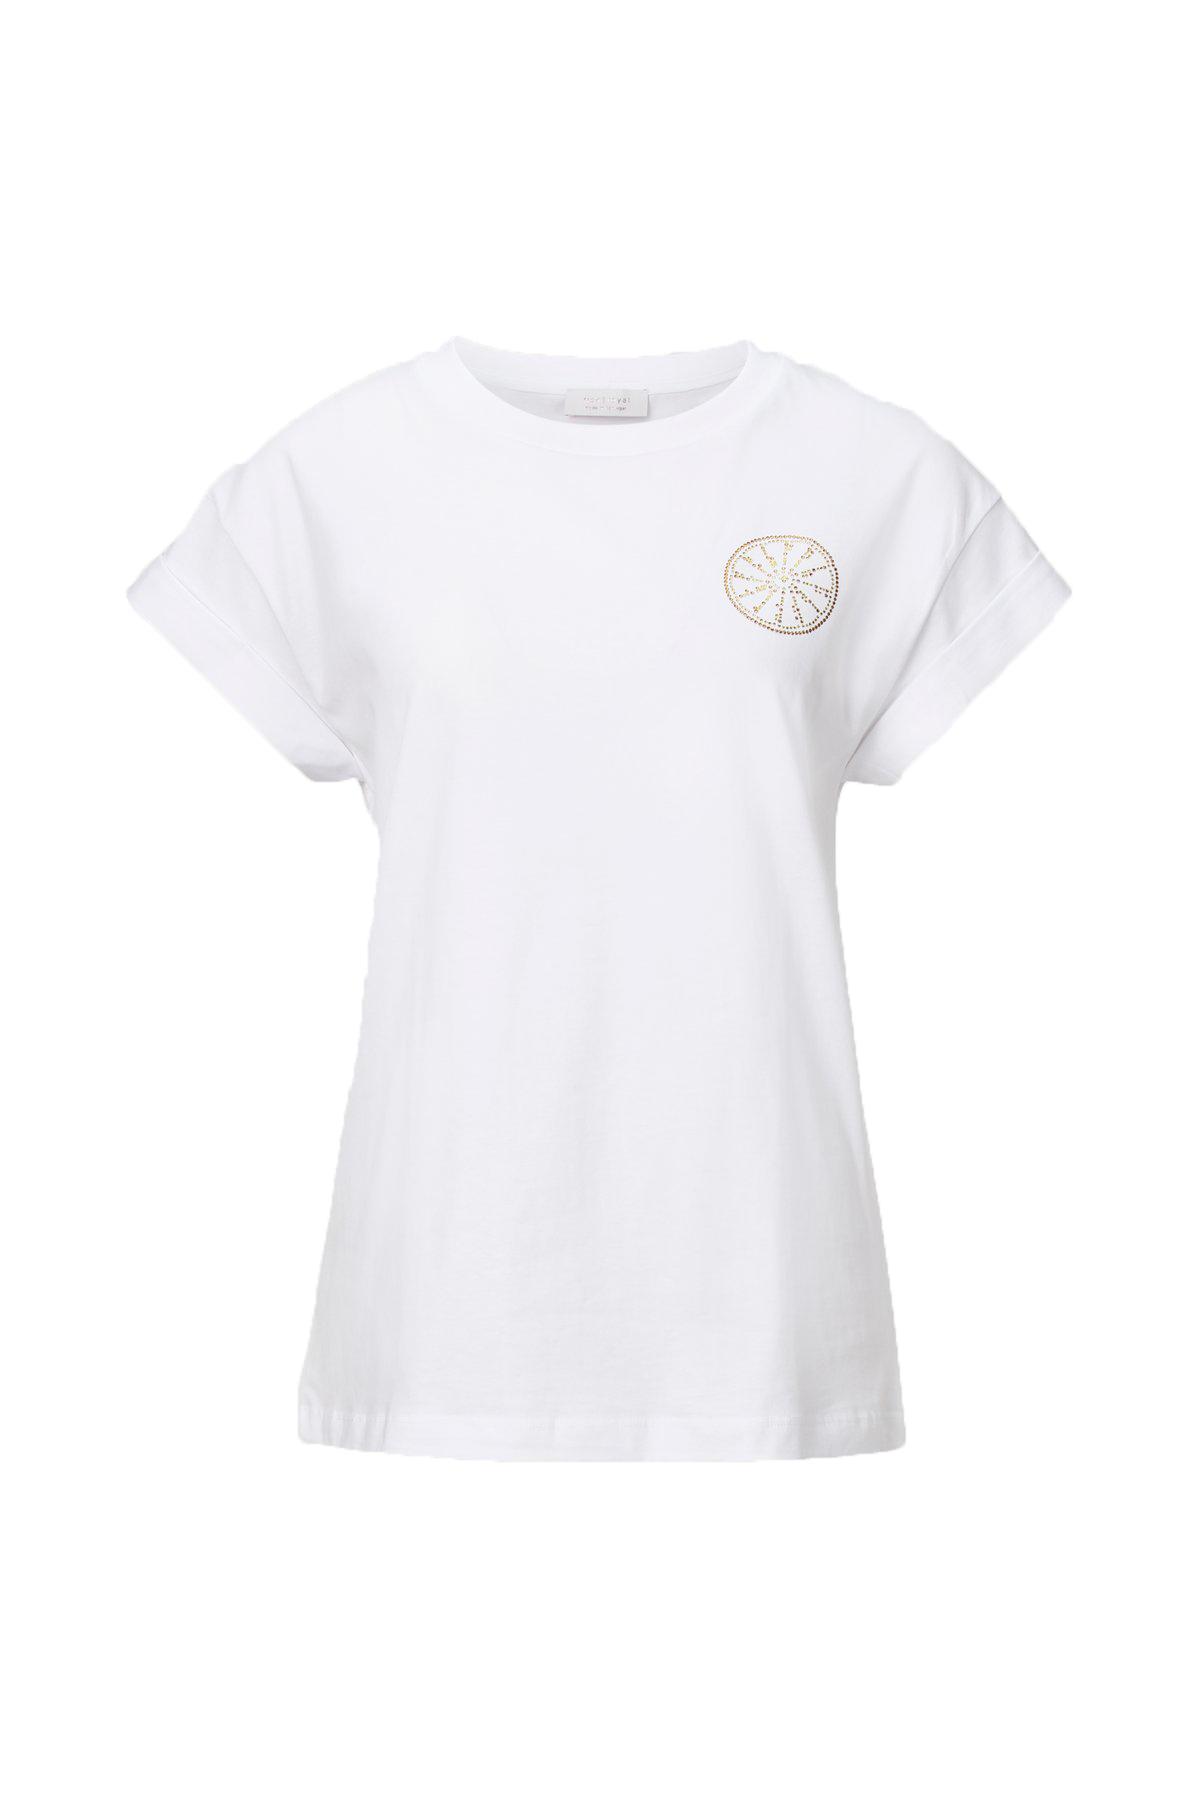 Boyfriend Sparkle Shirt